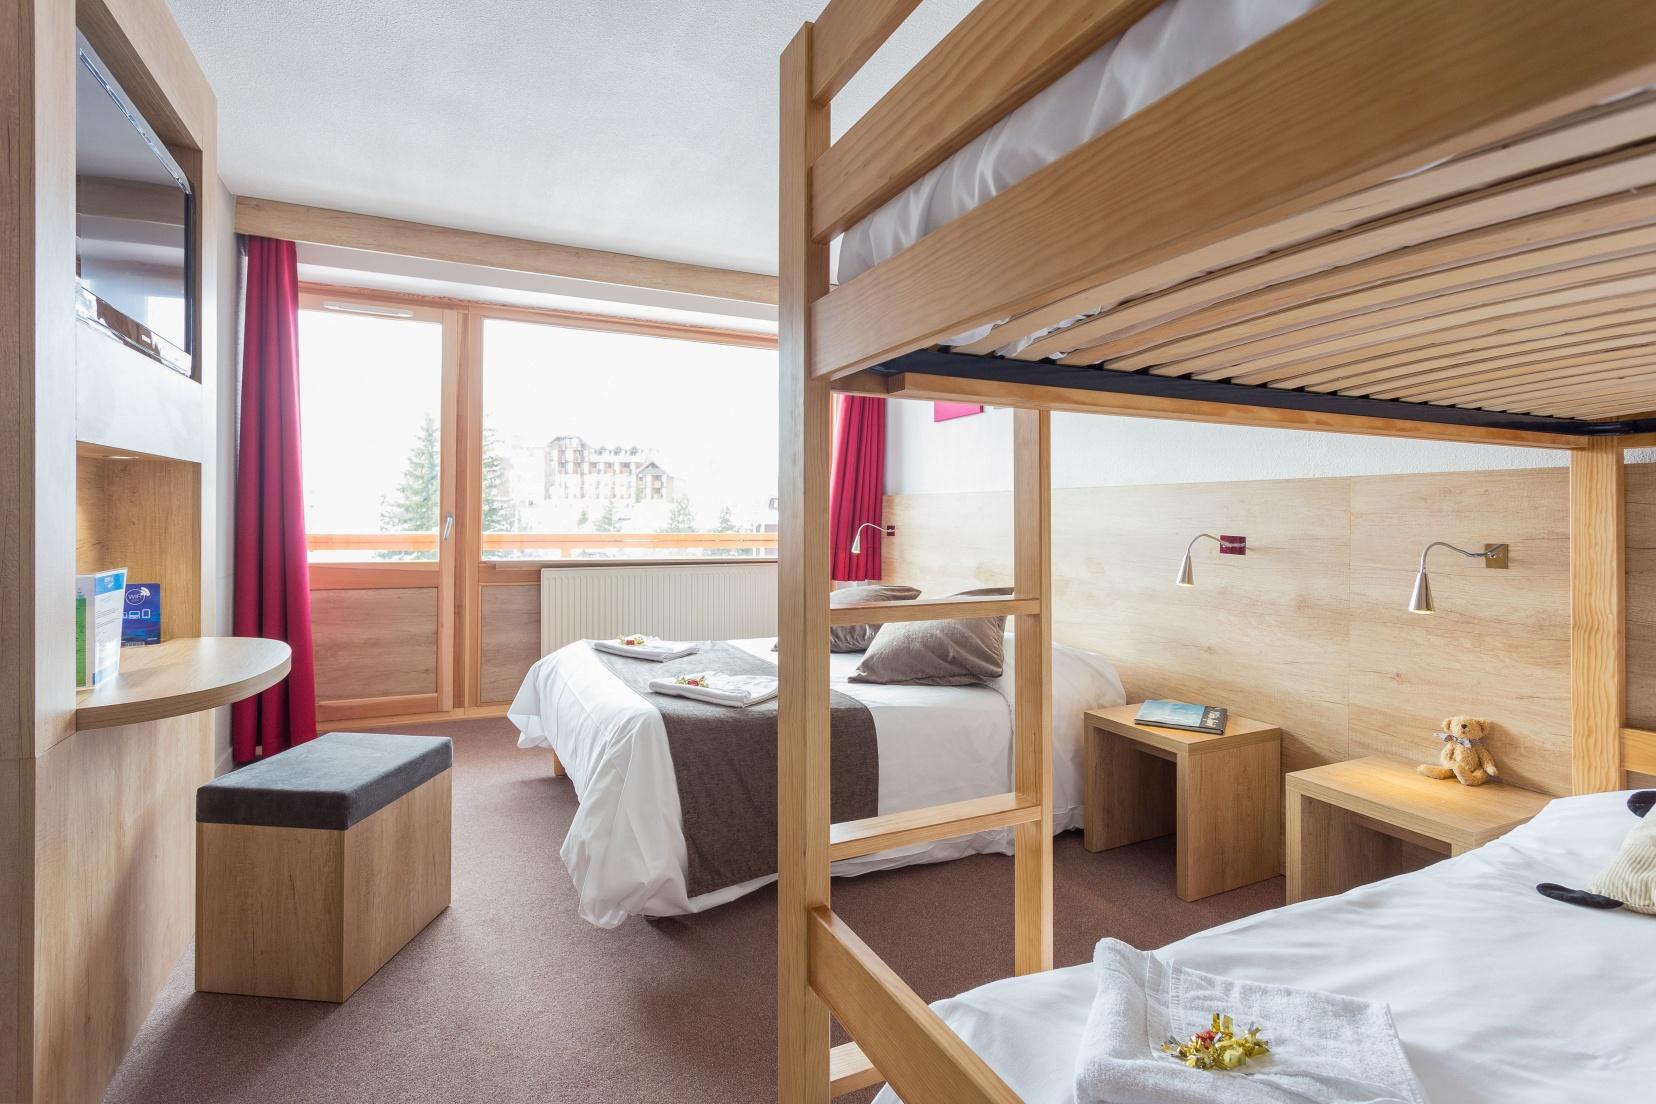 France - Alpes - Les Deux Alpes - Hôtel Club mmv Le Panorama Village Vacances 3*